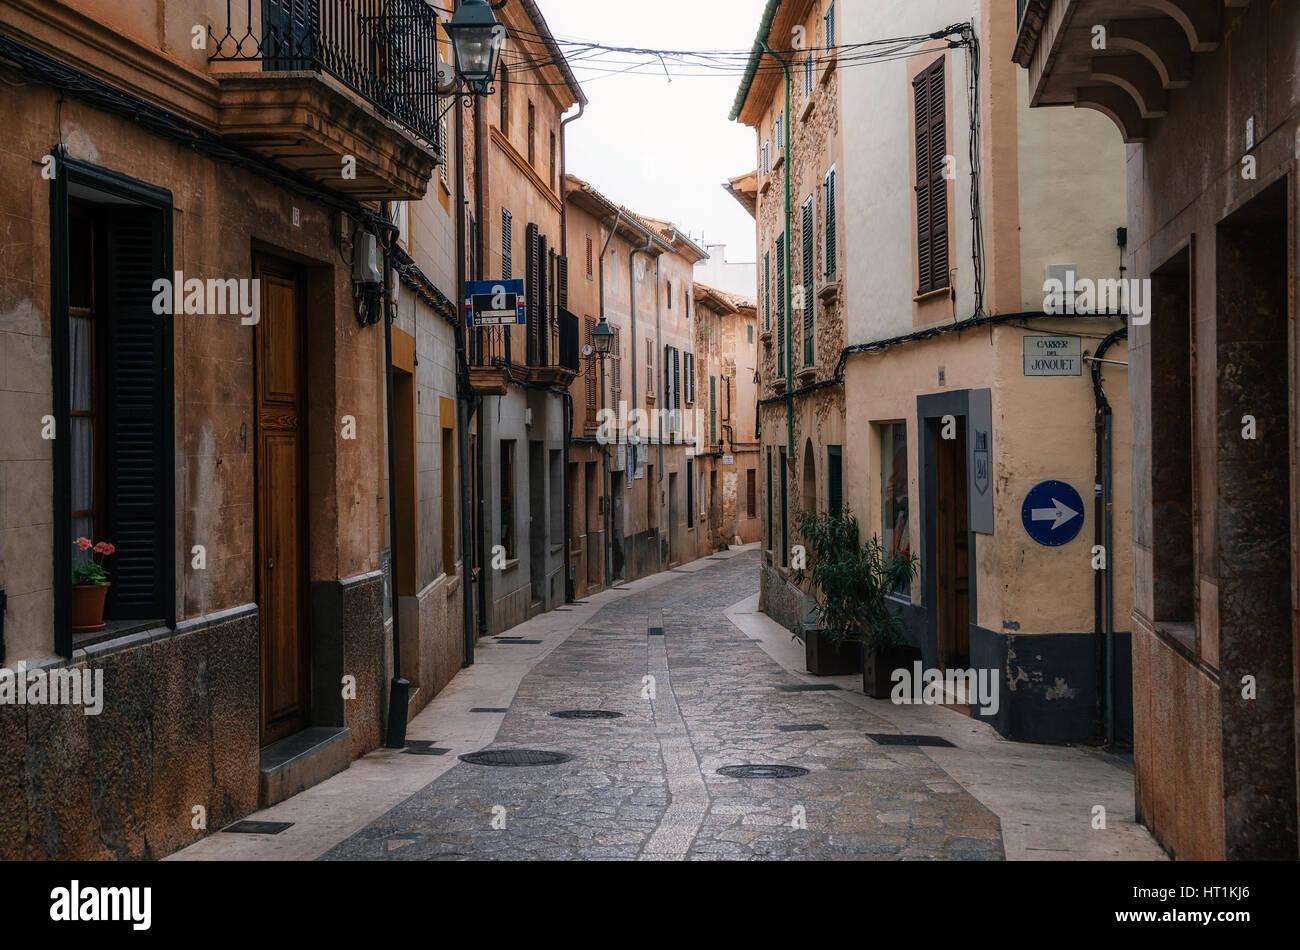 Calles estrechas y sinuosas en el histórico pueblo de Pollensa con sus tradicionales casas de piedra, Mallorca, Imagen De Stock